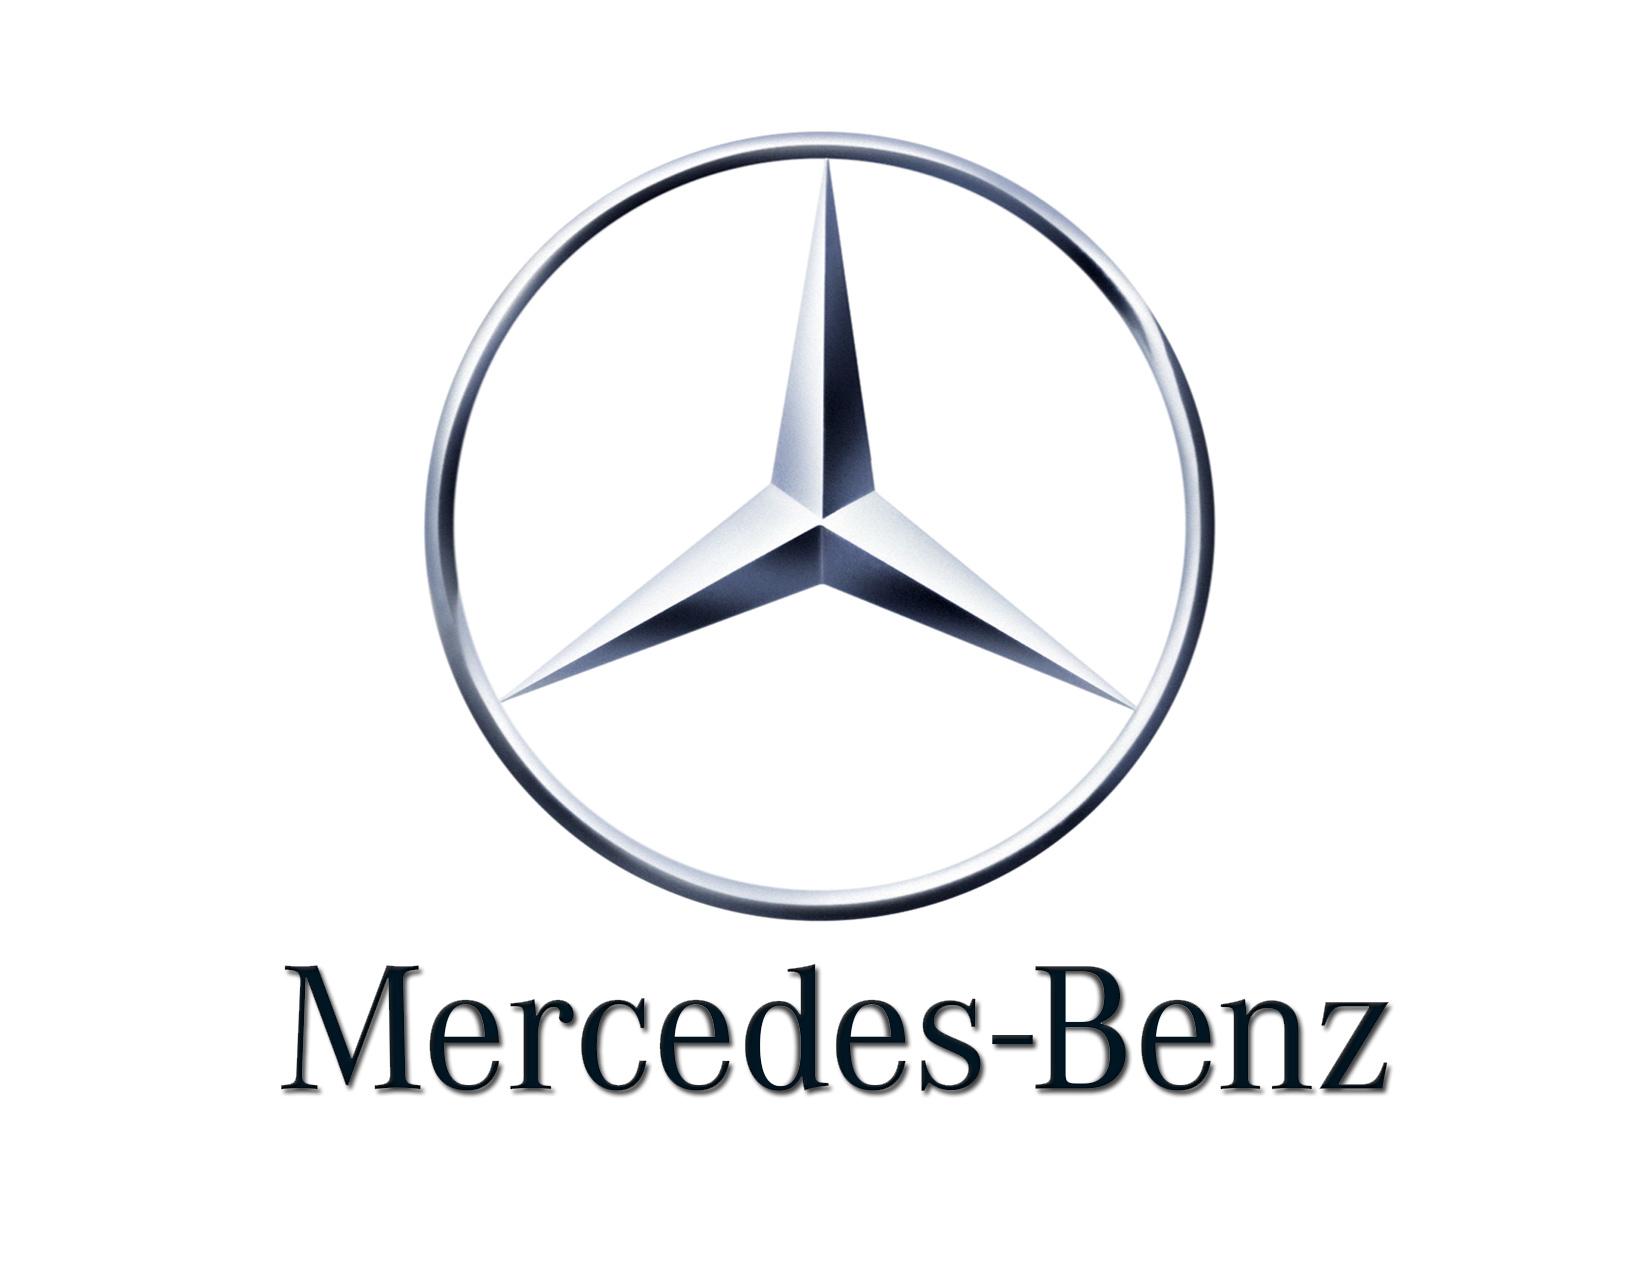 mercedes-benz-cars-logo-emblem – Bordeaux Palais de la Bourse